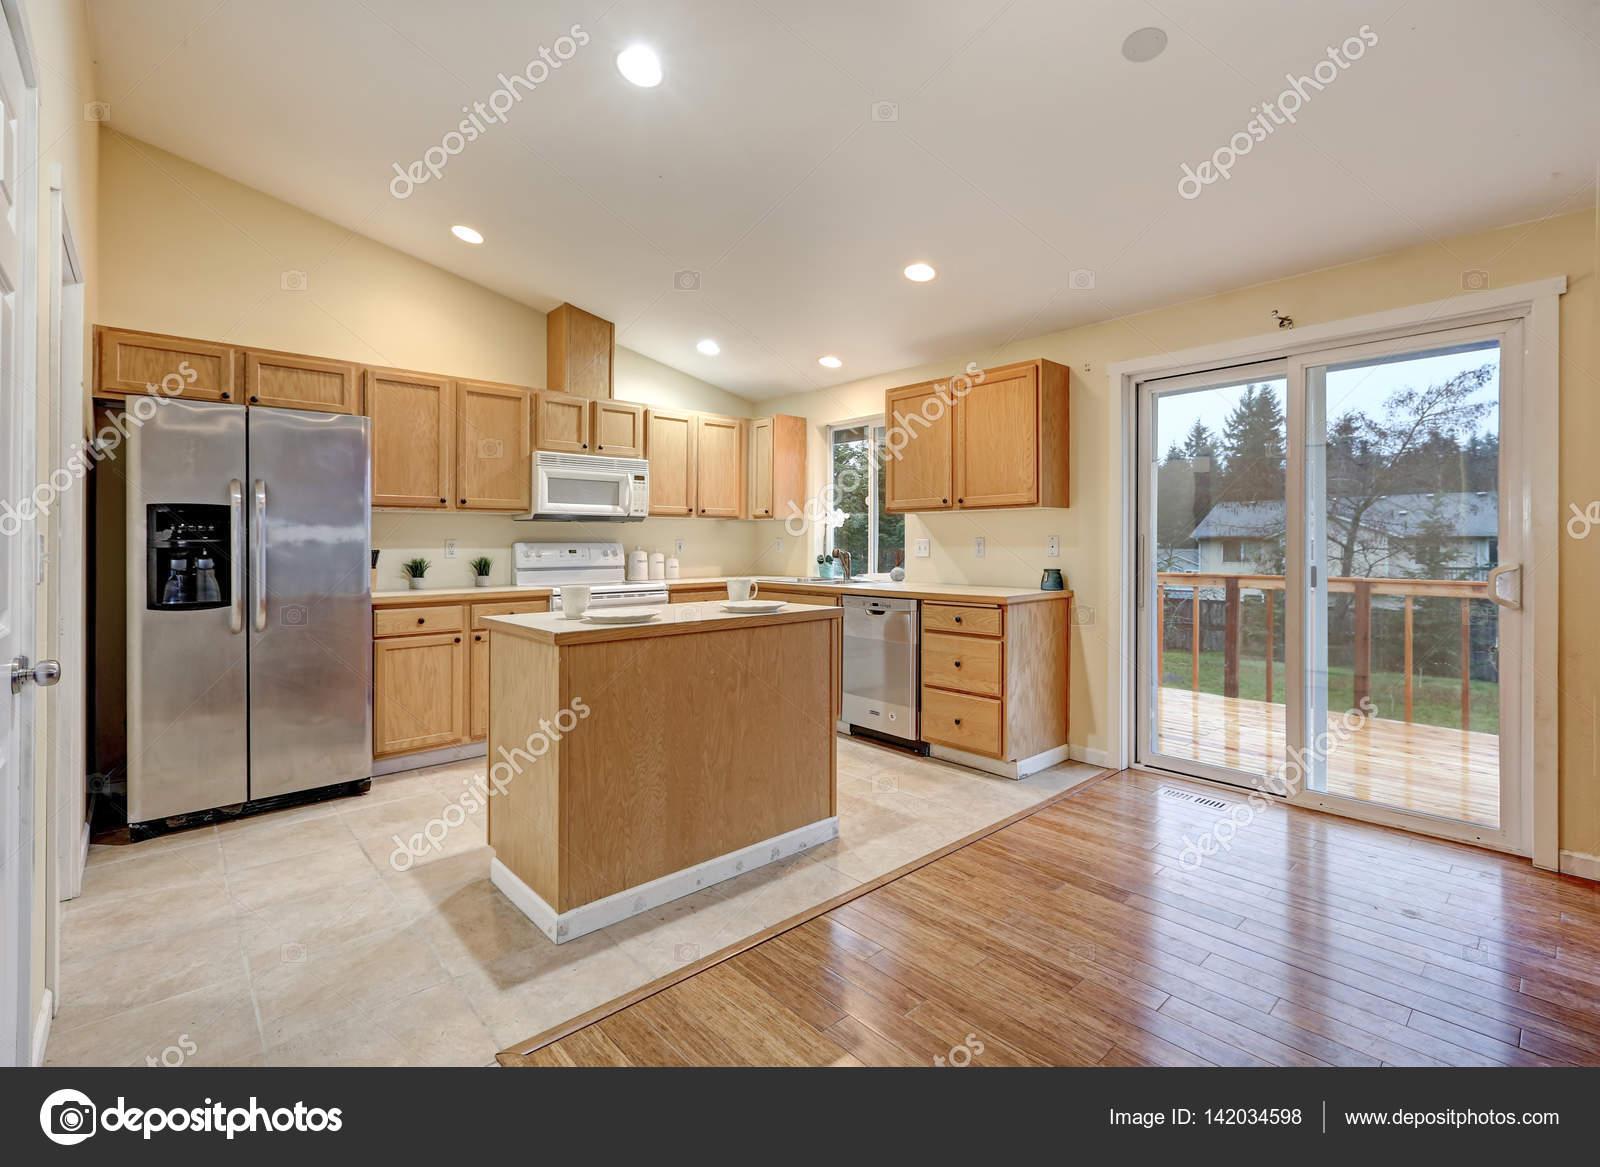 Sitio de la cocina de concepto abierto luz con techo abovedado ...